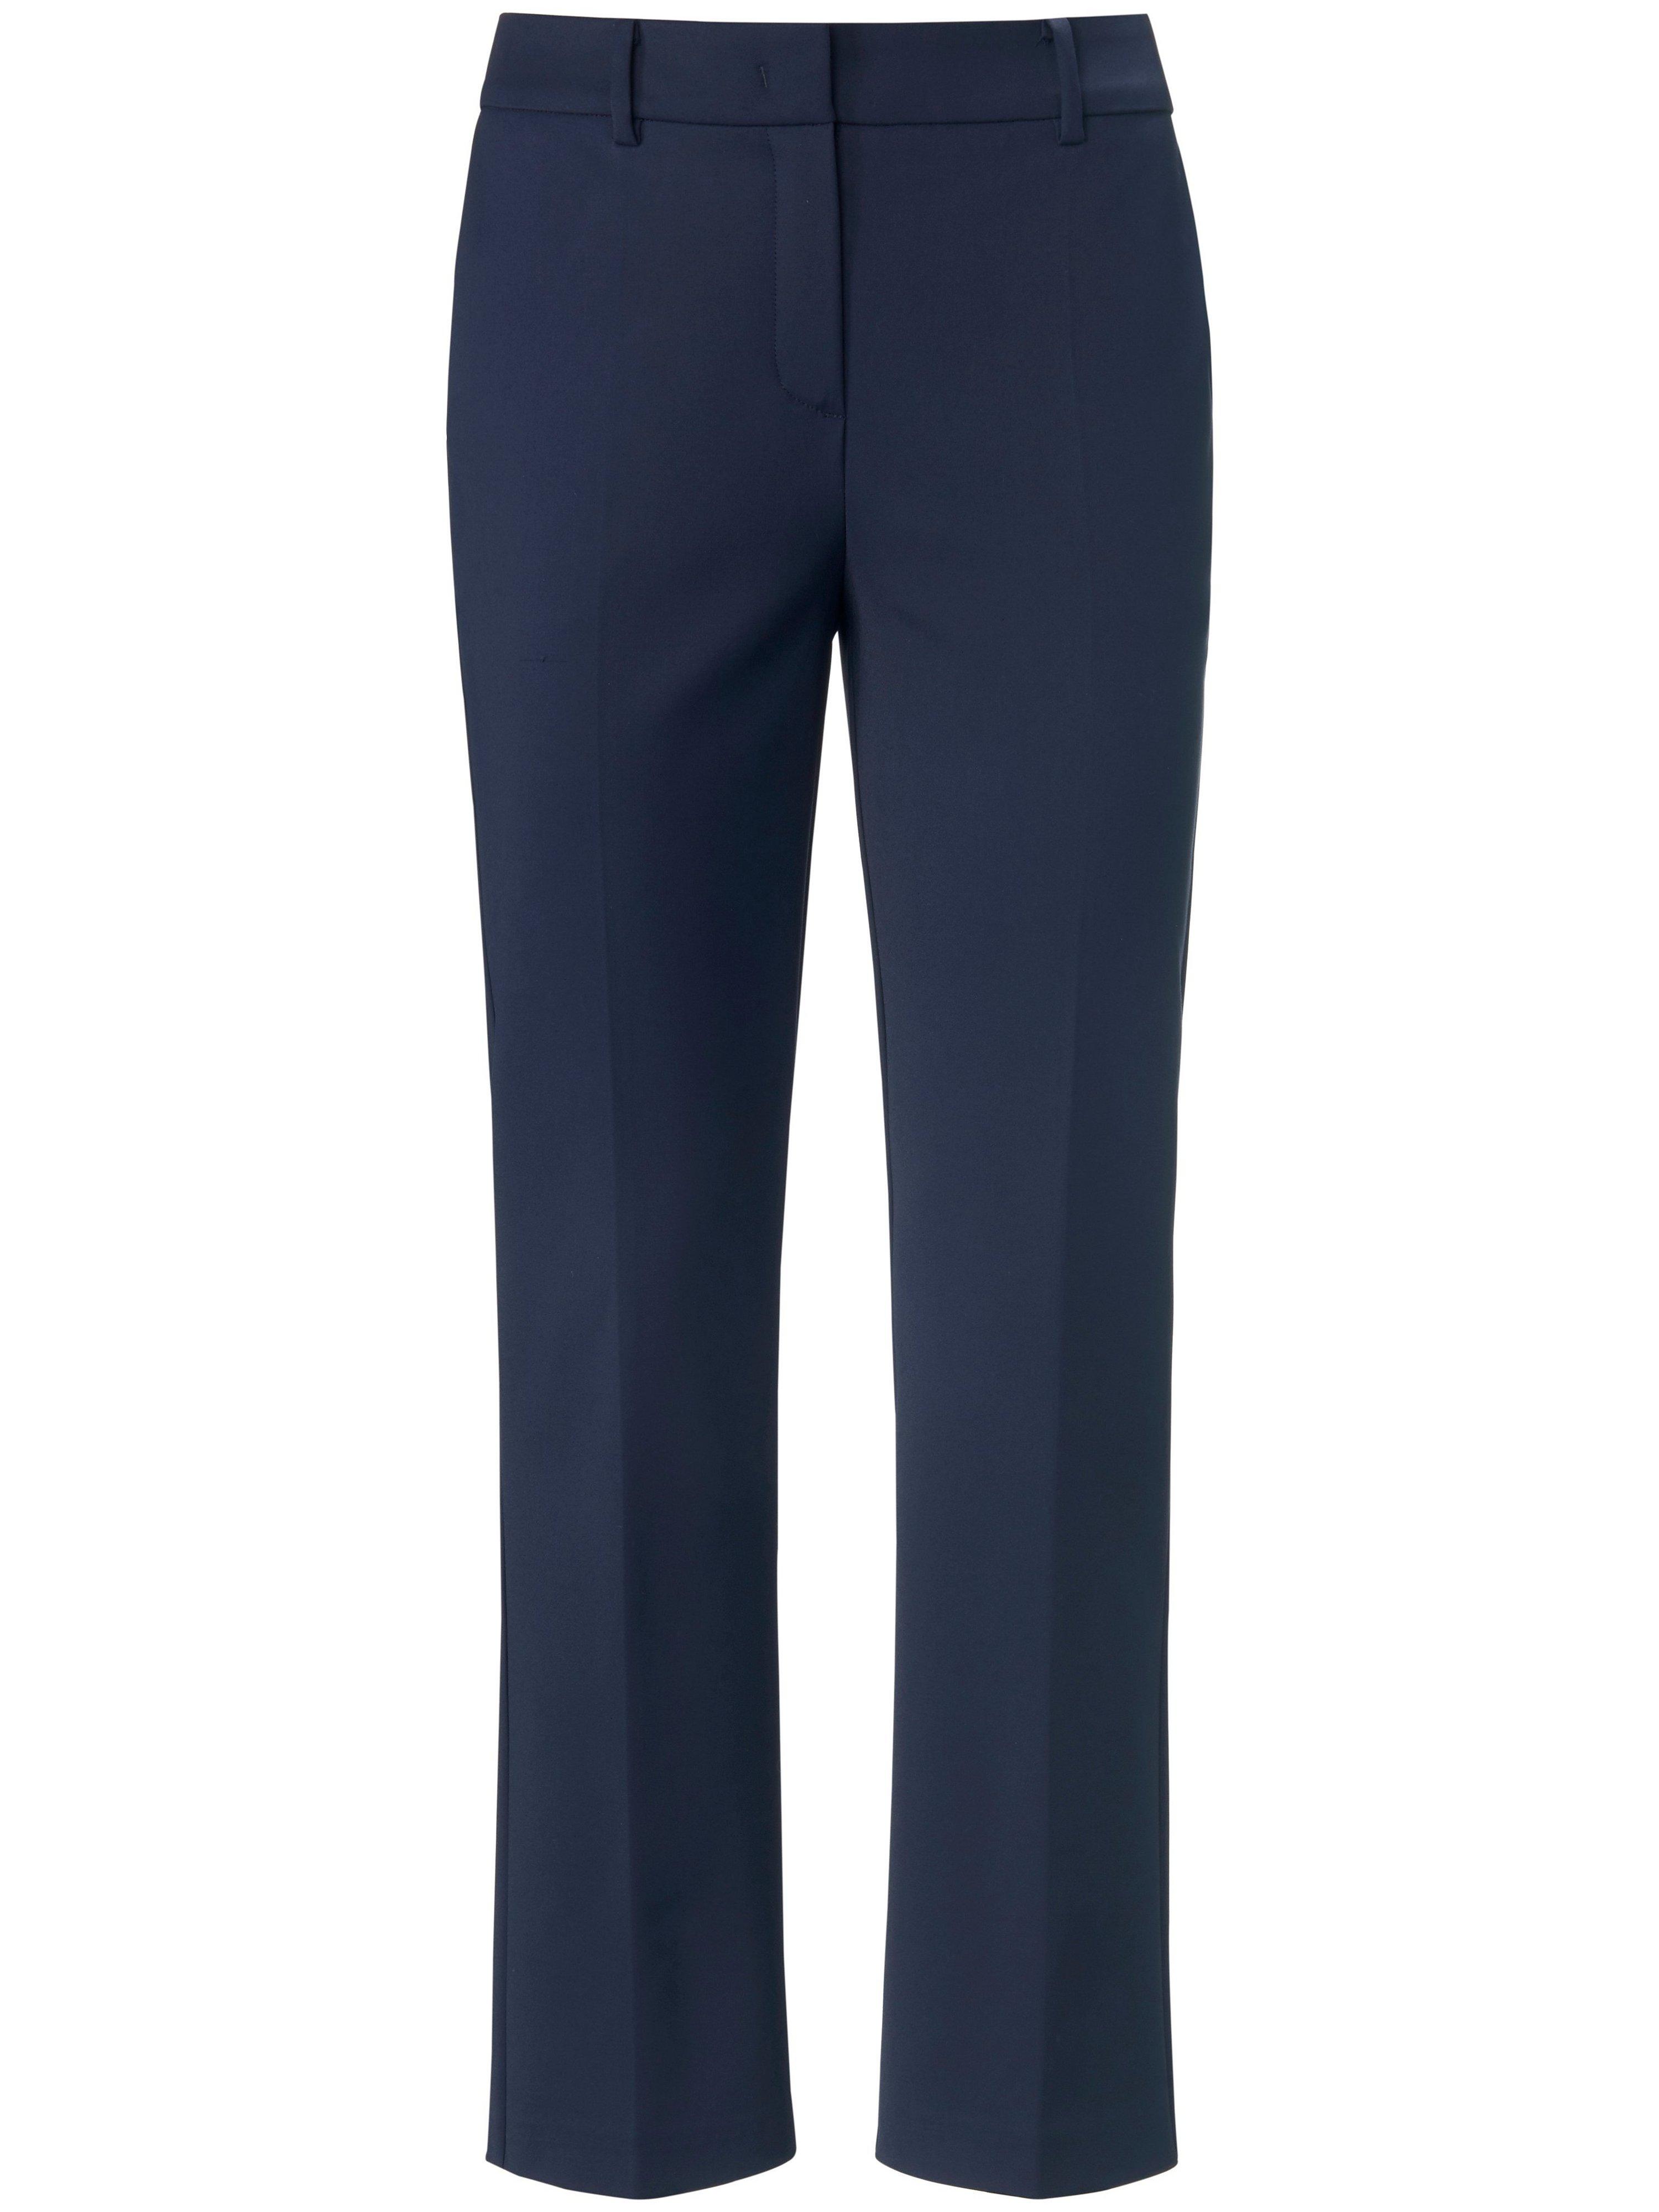 Enkellange broek rechte pijpen en persplooien Van St. Emile blauw